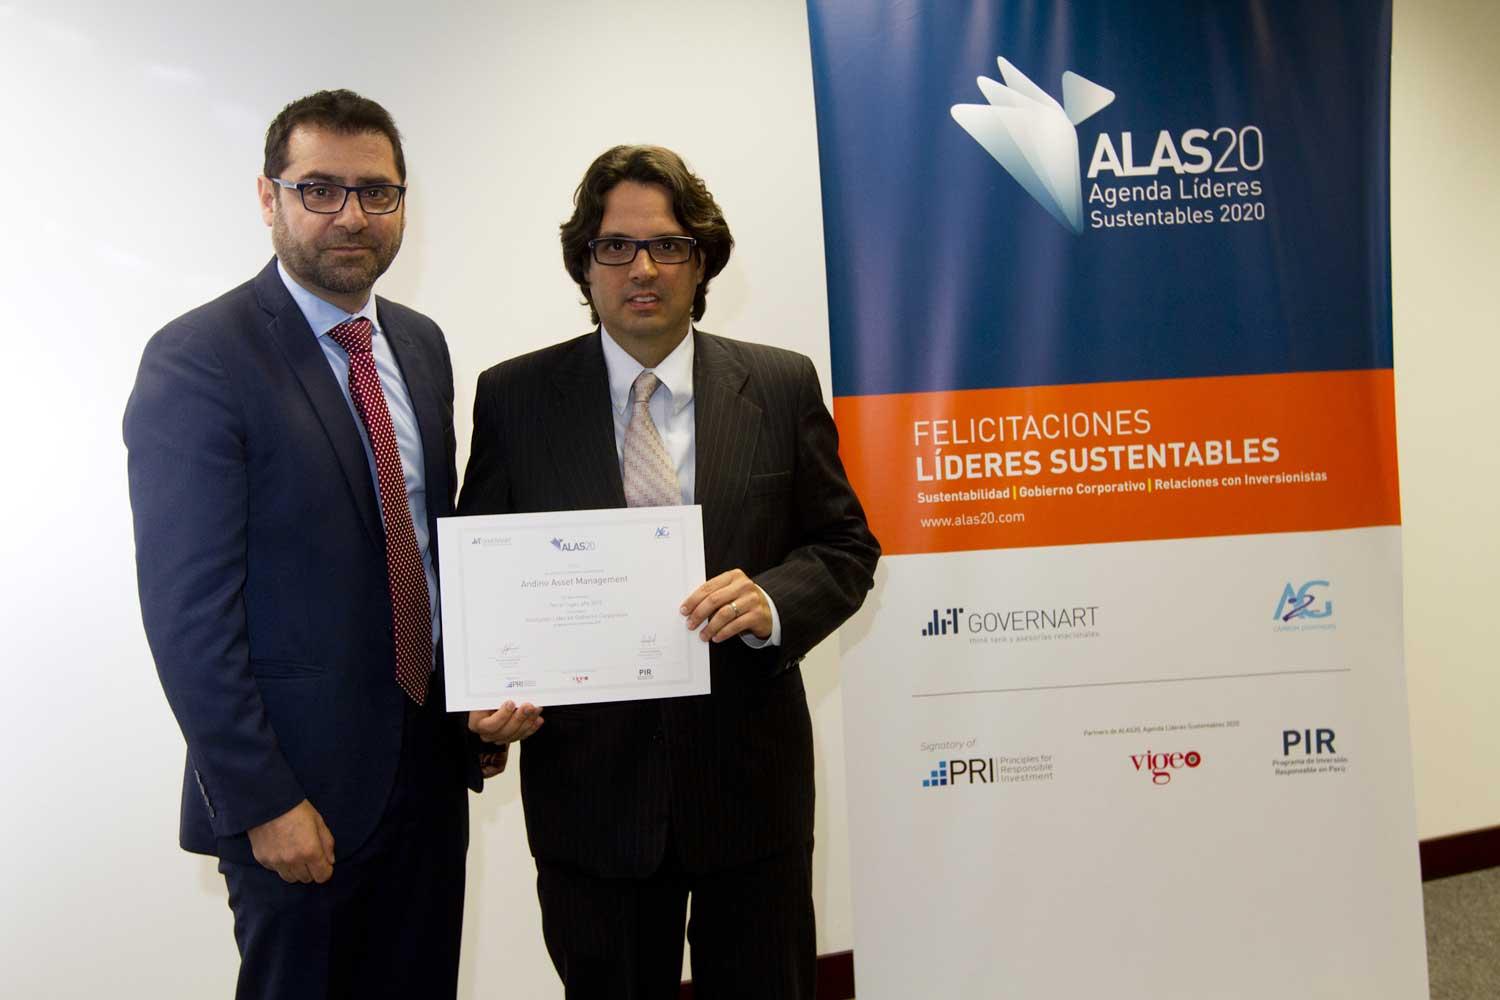 Premiación ALAS20 Perú año 2015